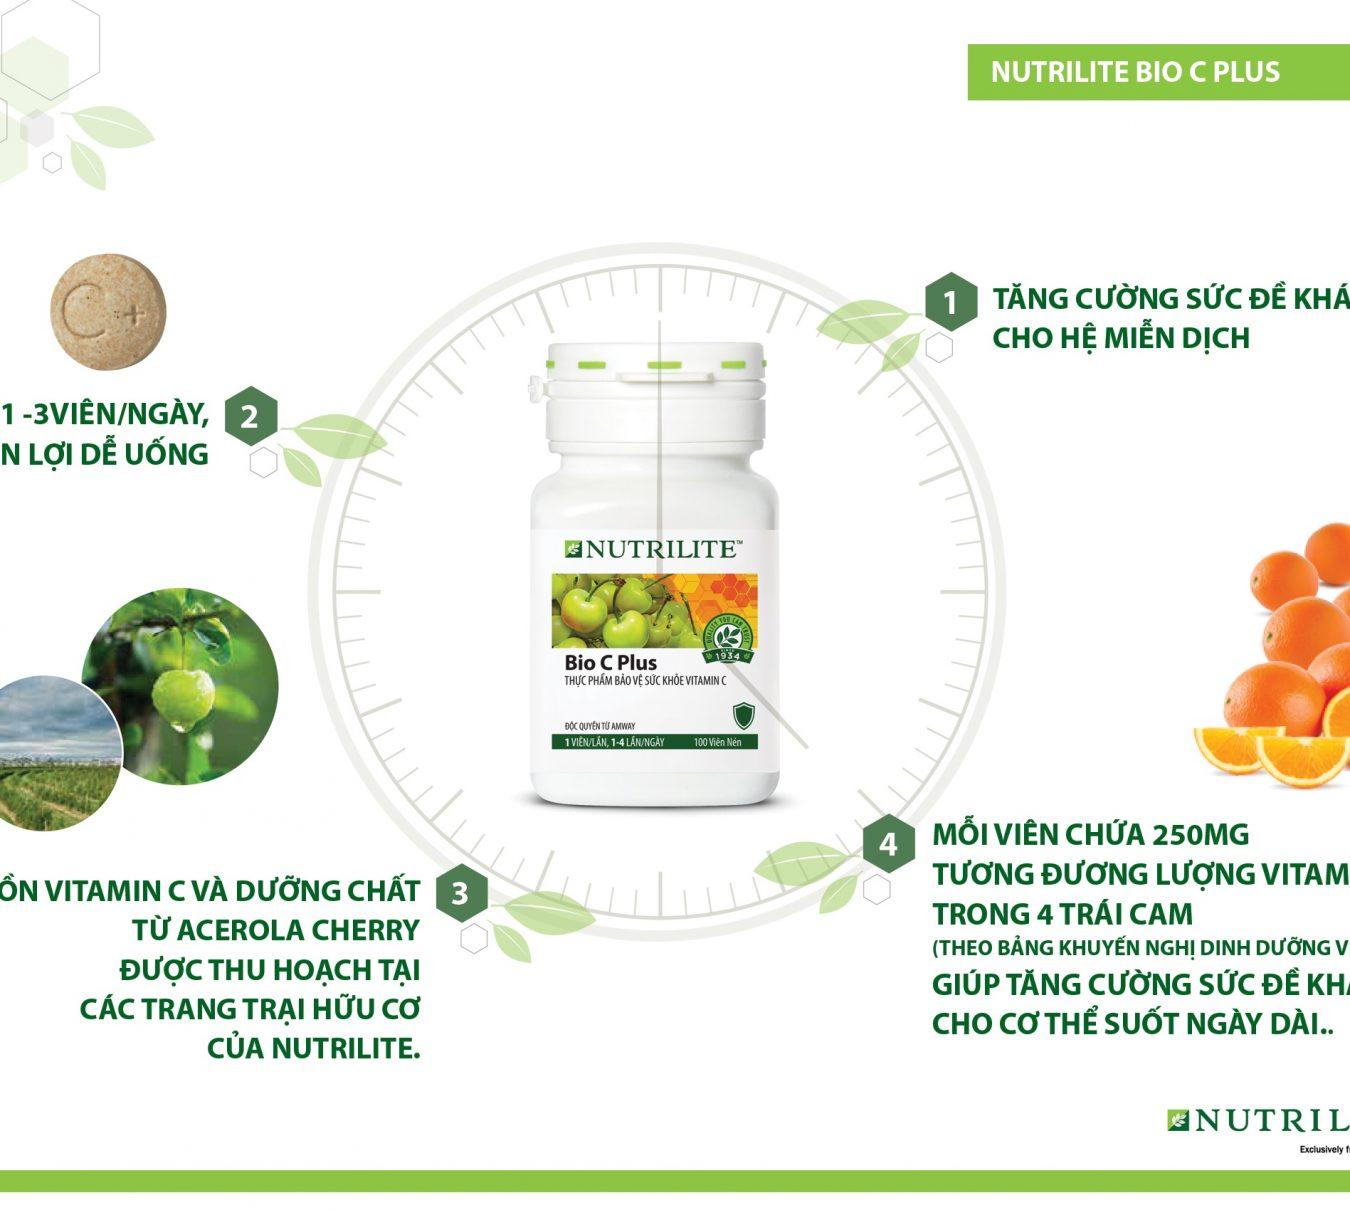 Vitamin C Amway Nutrilite Bio C Plus tăng cường sức đề kháng